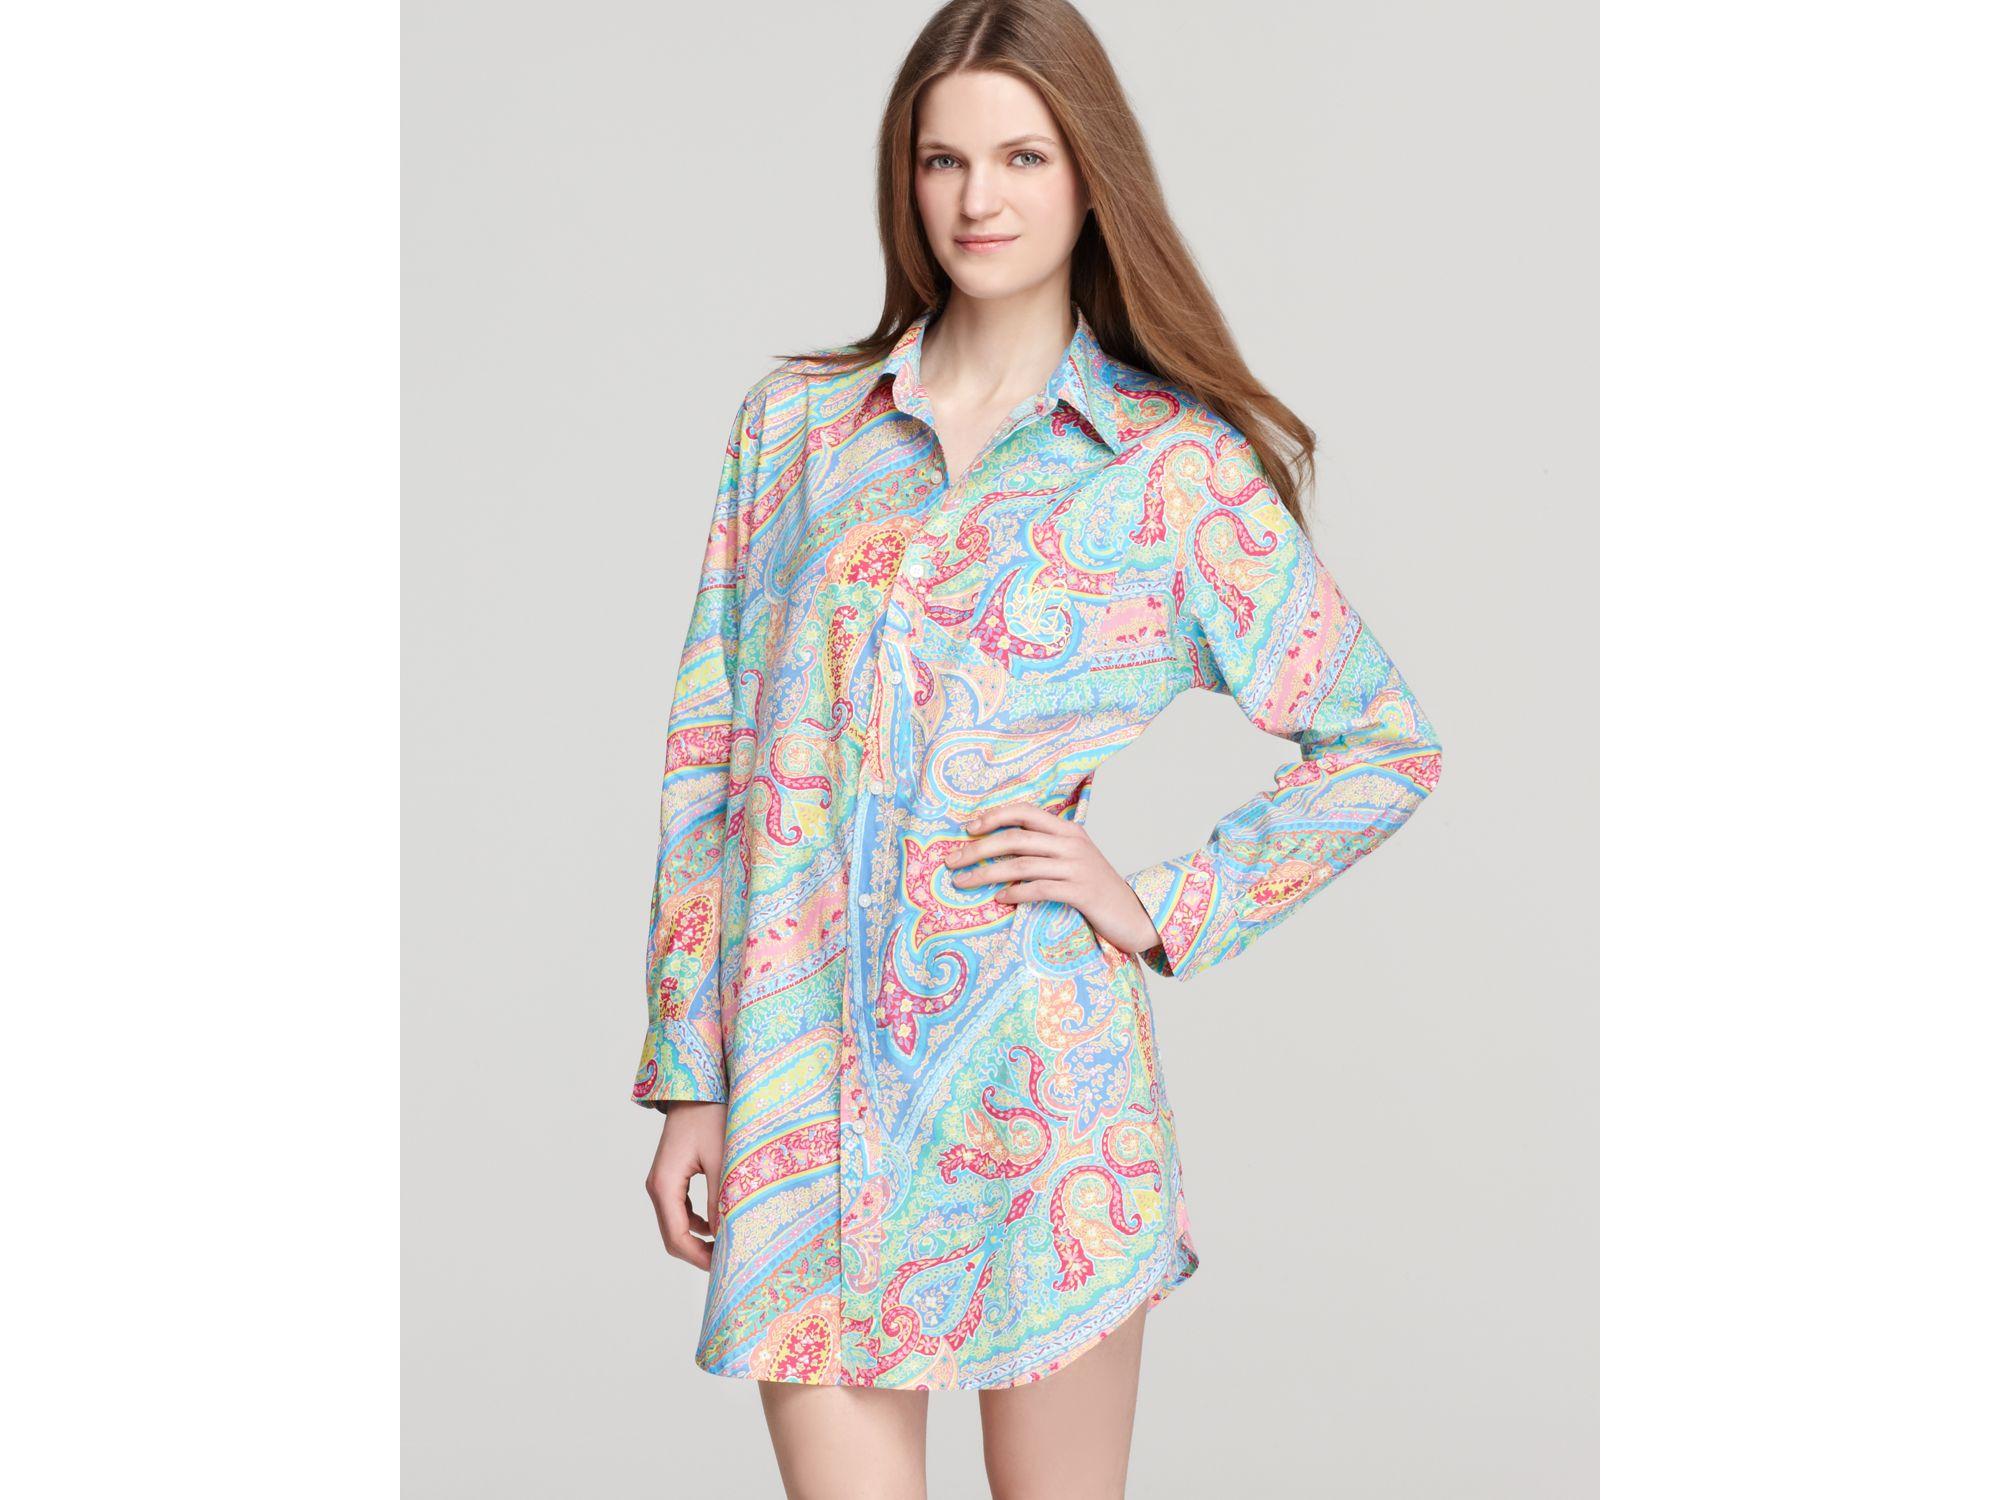 ralph lauren cotton sleep shirt - WörterSee Public Relations 894e7587b